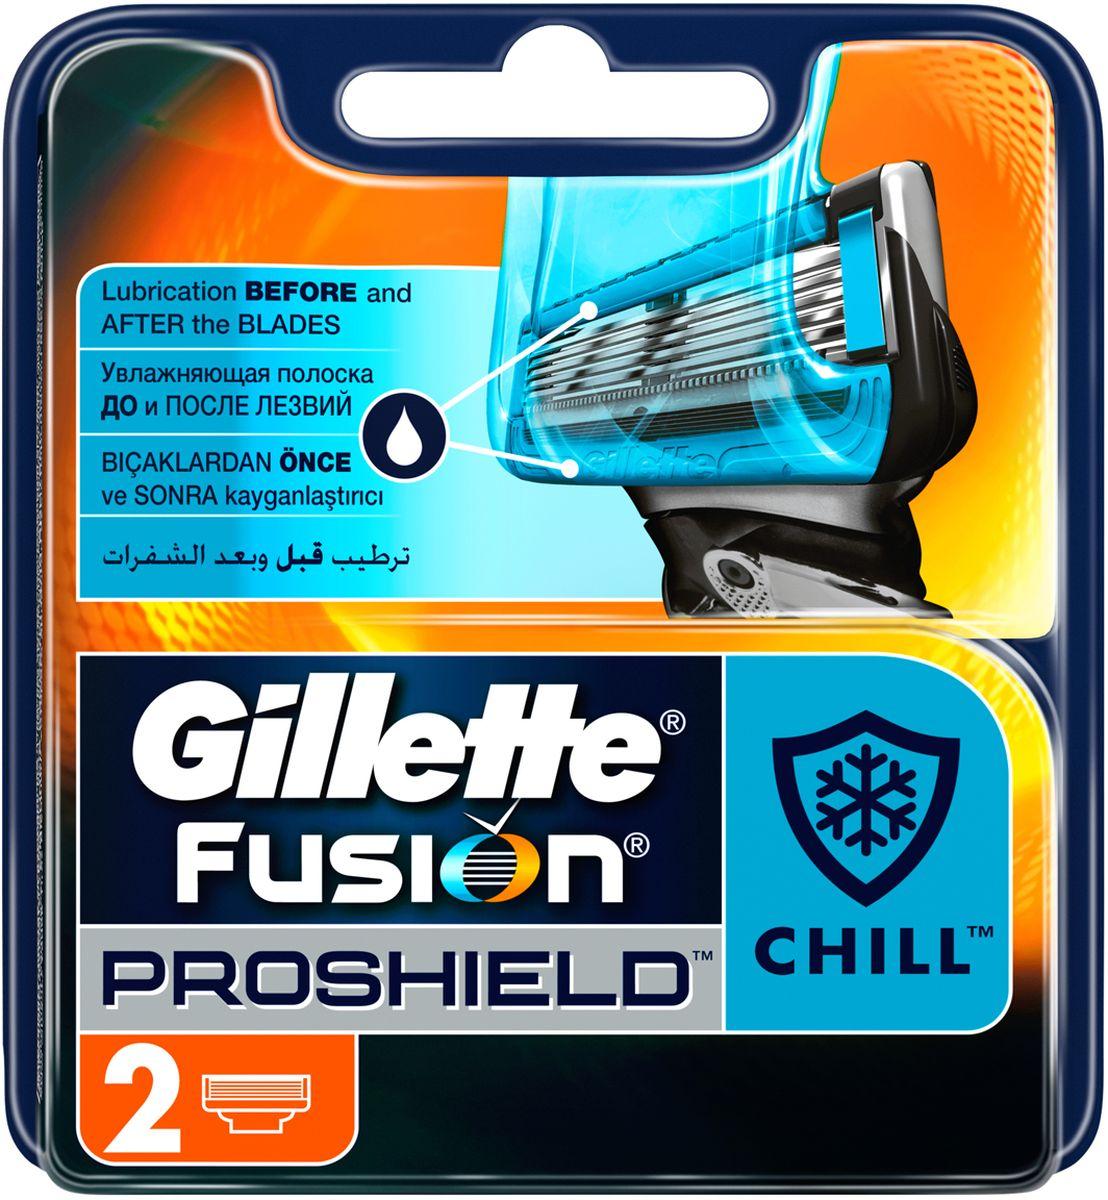 Gillette Сменные кассеты для мужской бритвы Fusion ProShield Chill, 2шт - Мужские средства для бритья и уход за бородой